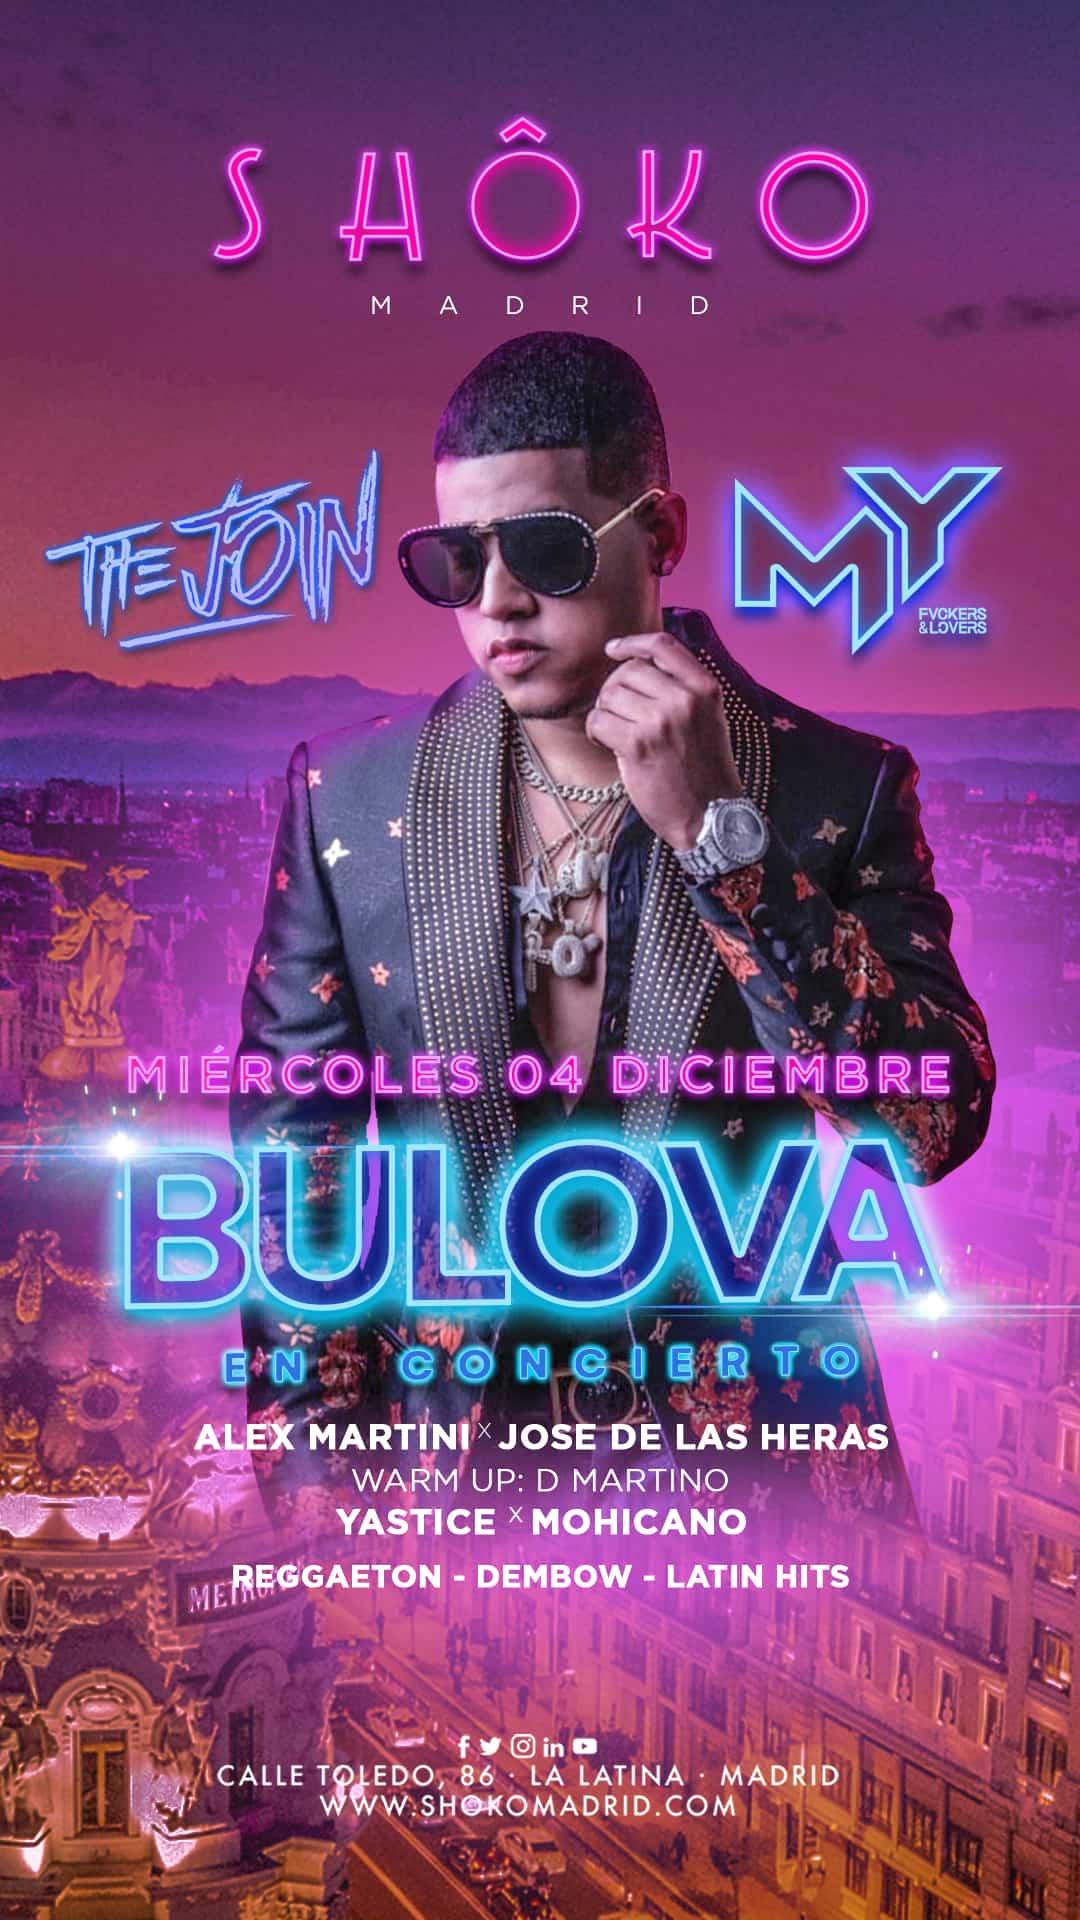 BULOVA en Concierto | THE JOIN x MY